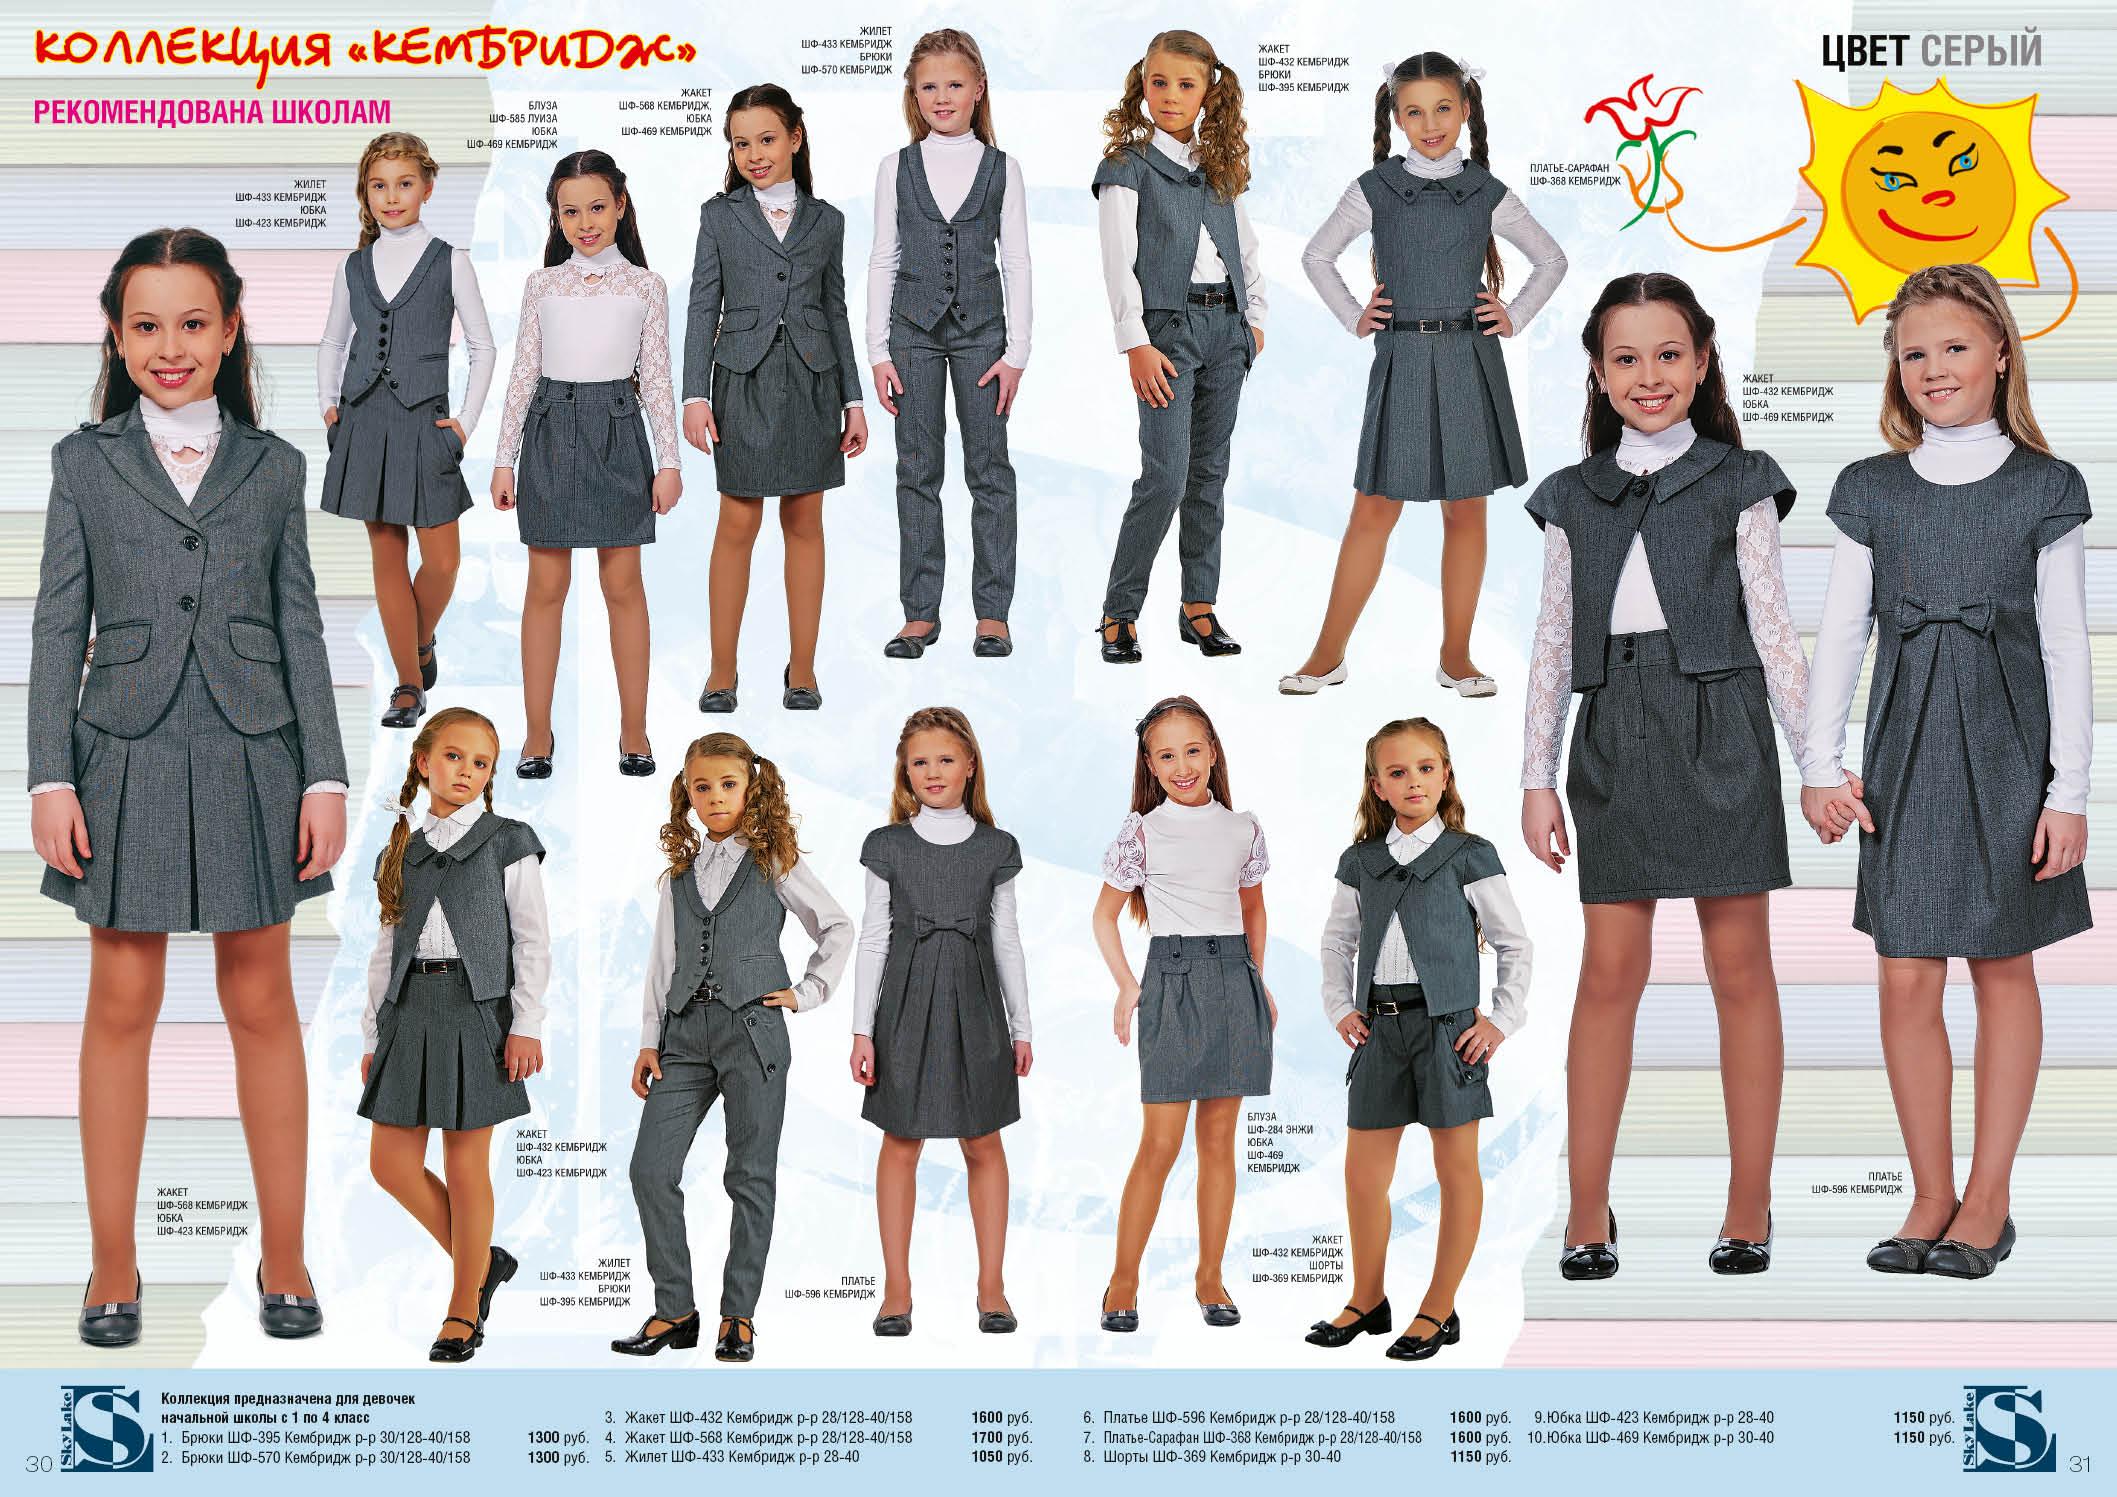 Коллекция Кембридж - Магазин школьной формы для мальчиков и